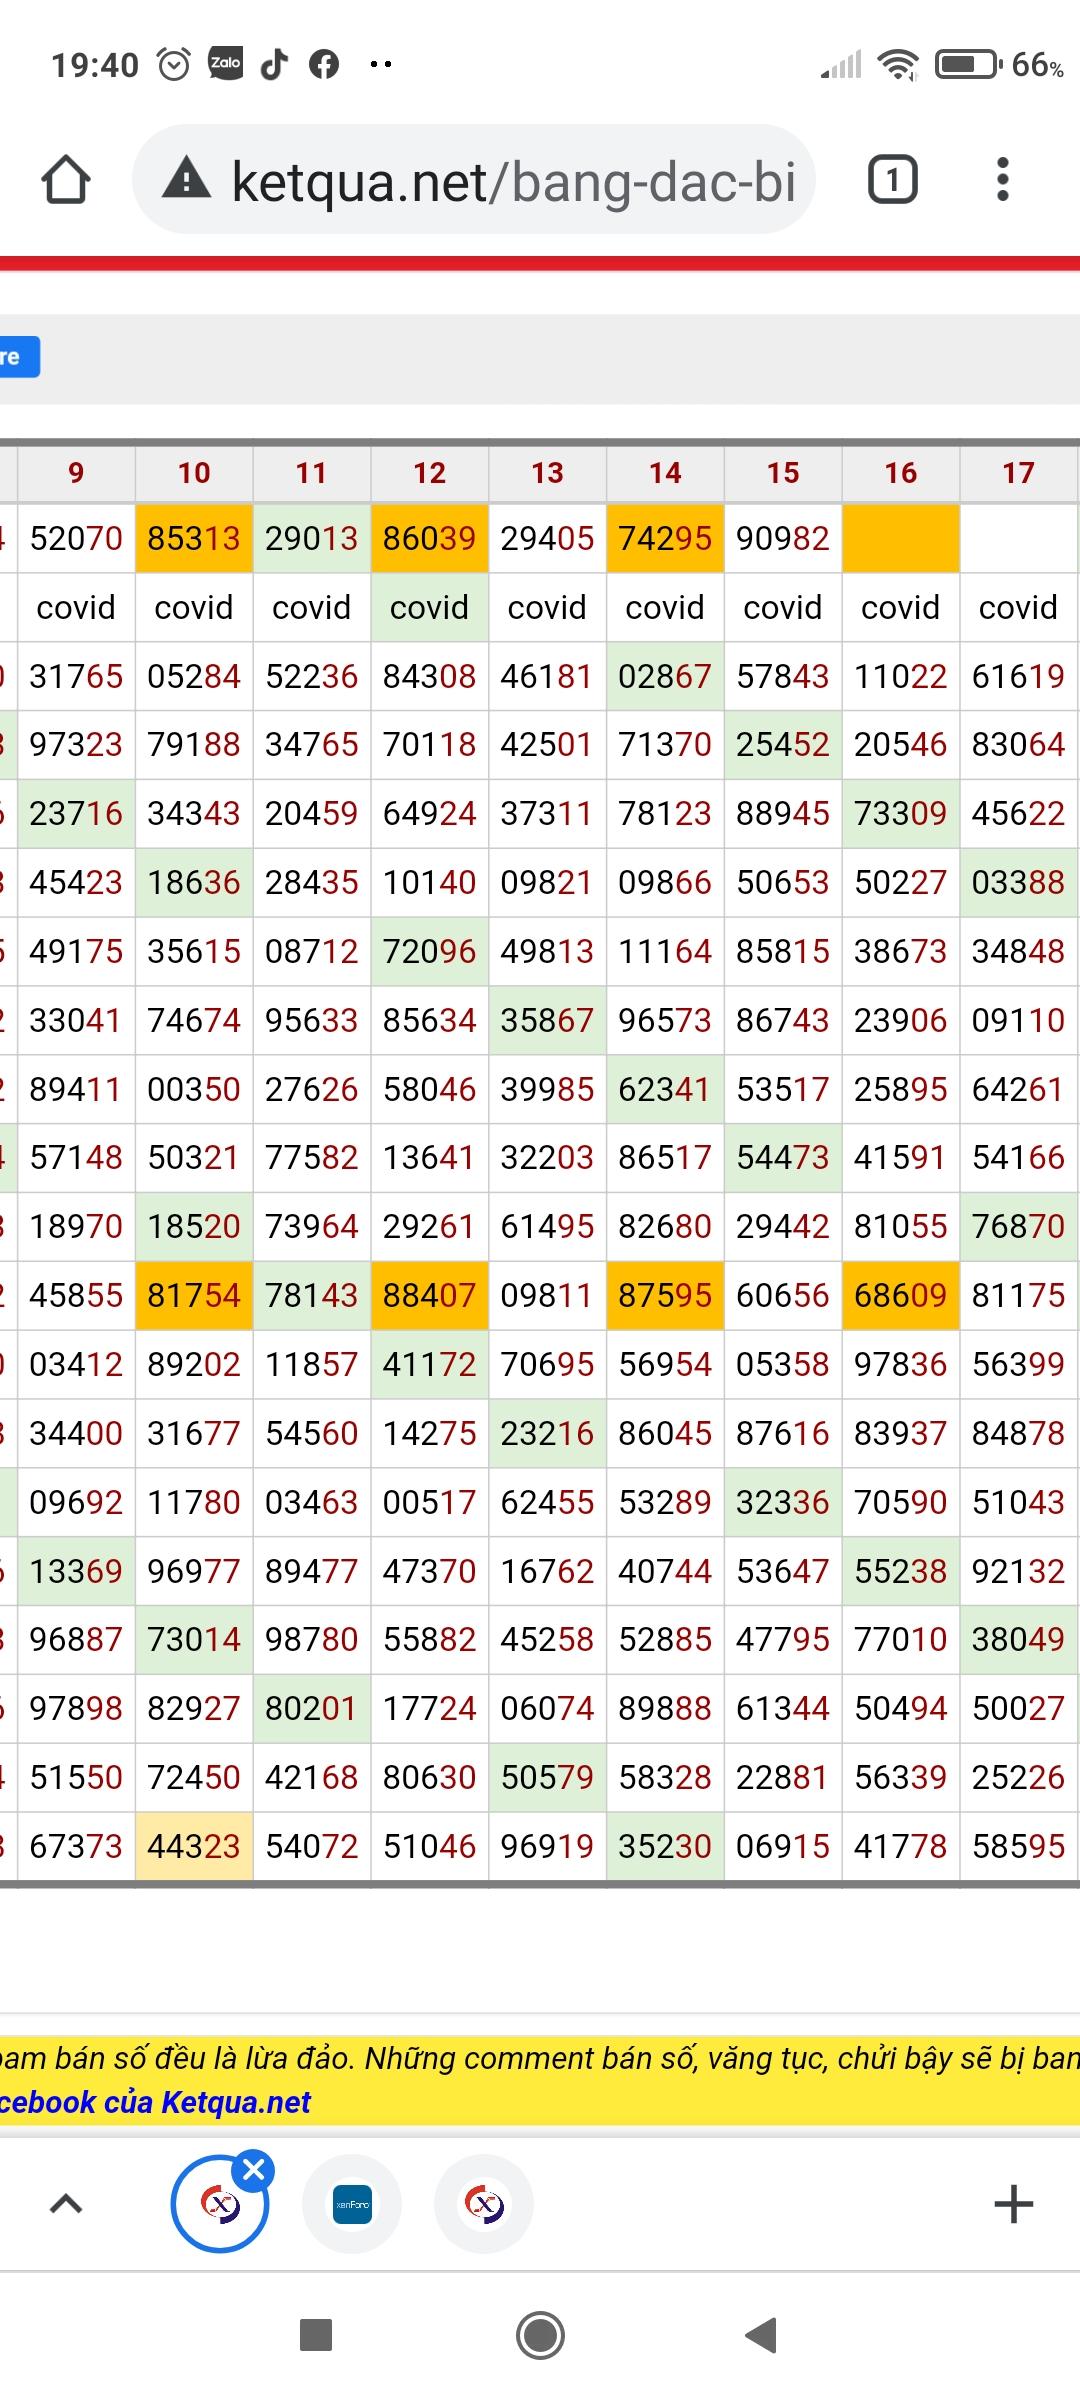 Screenshot_2021-04-15-19-40-50-024_com.android.chrome.jpg